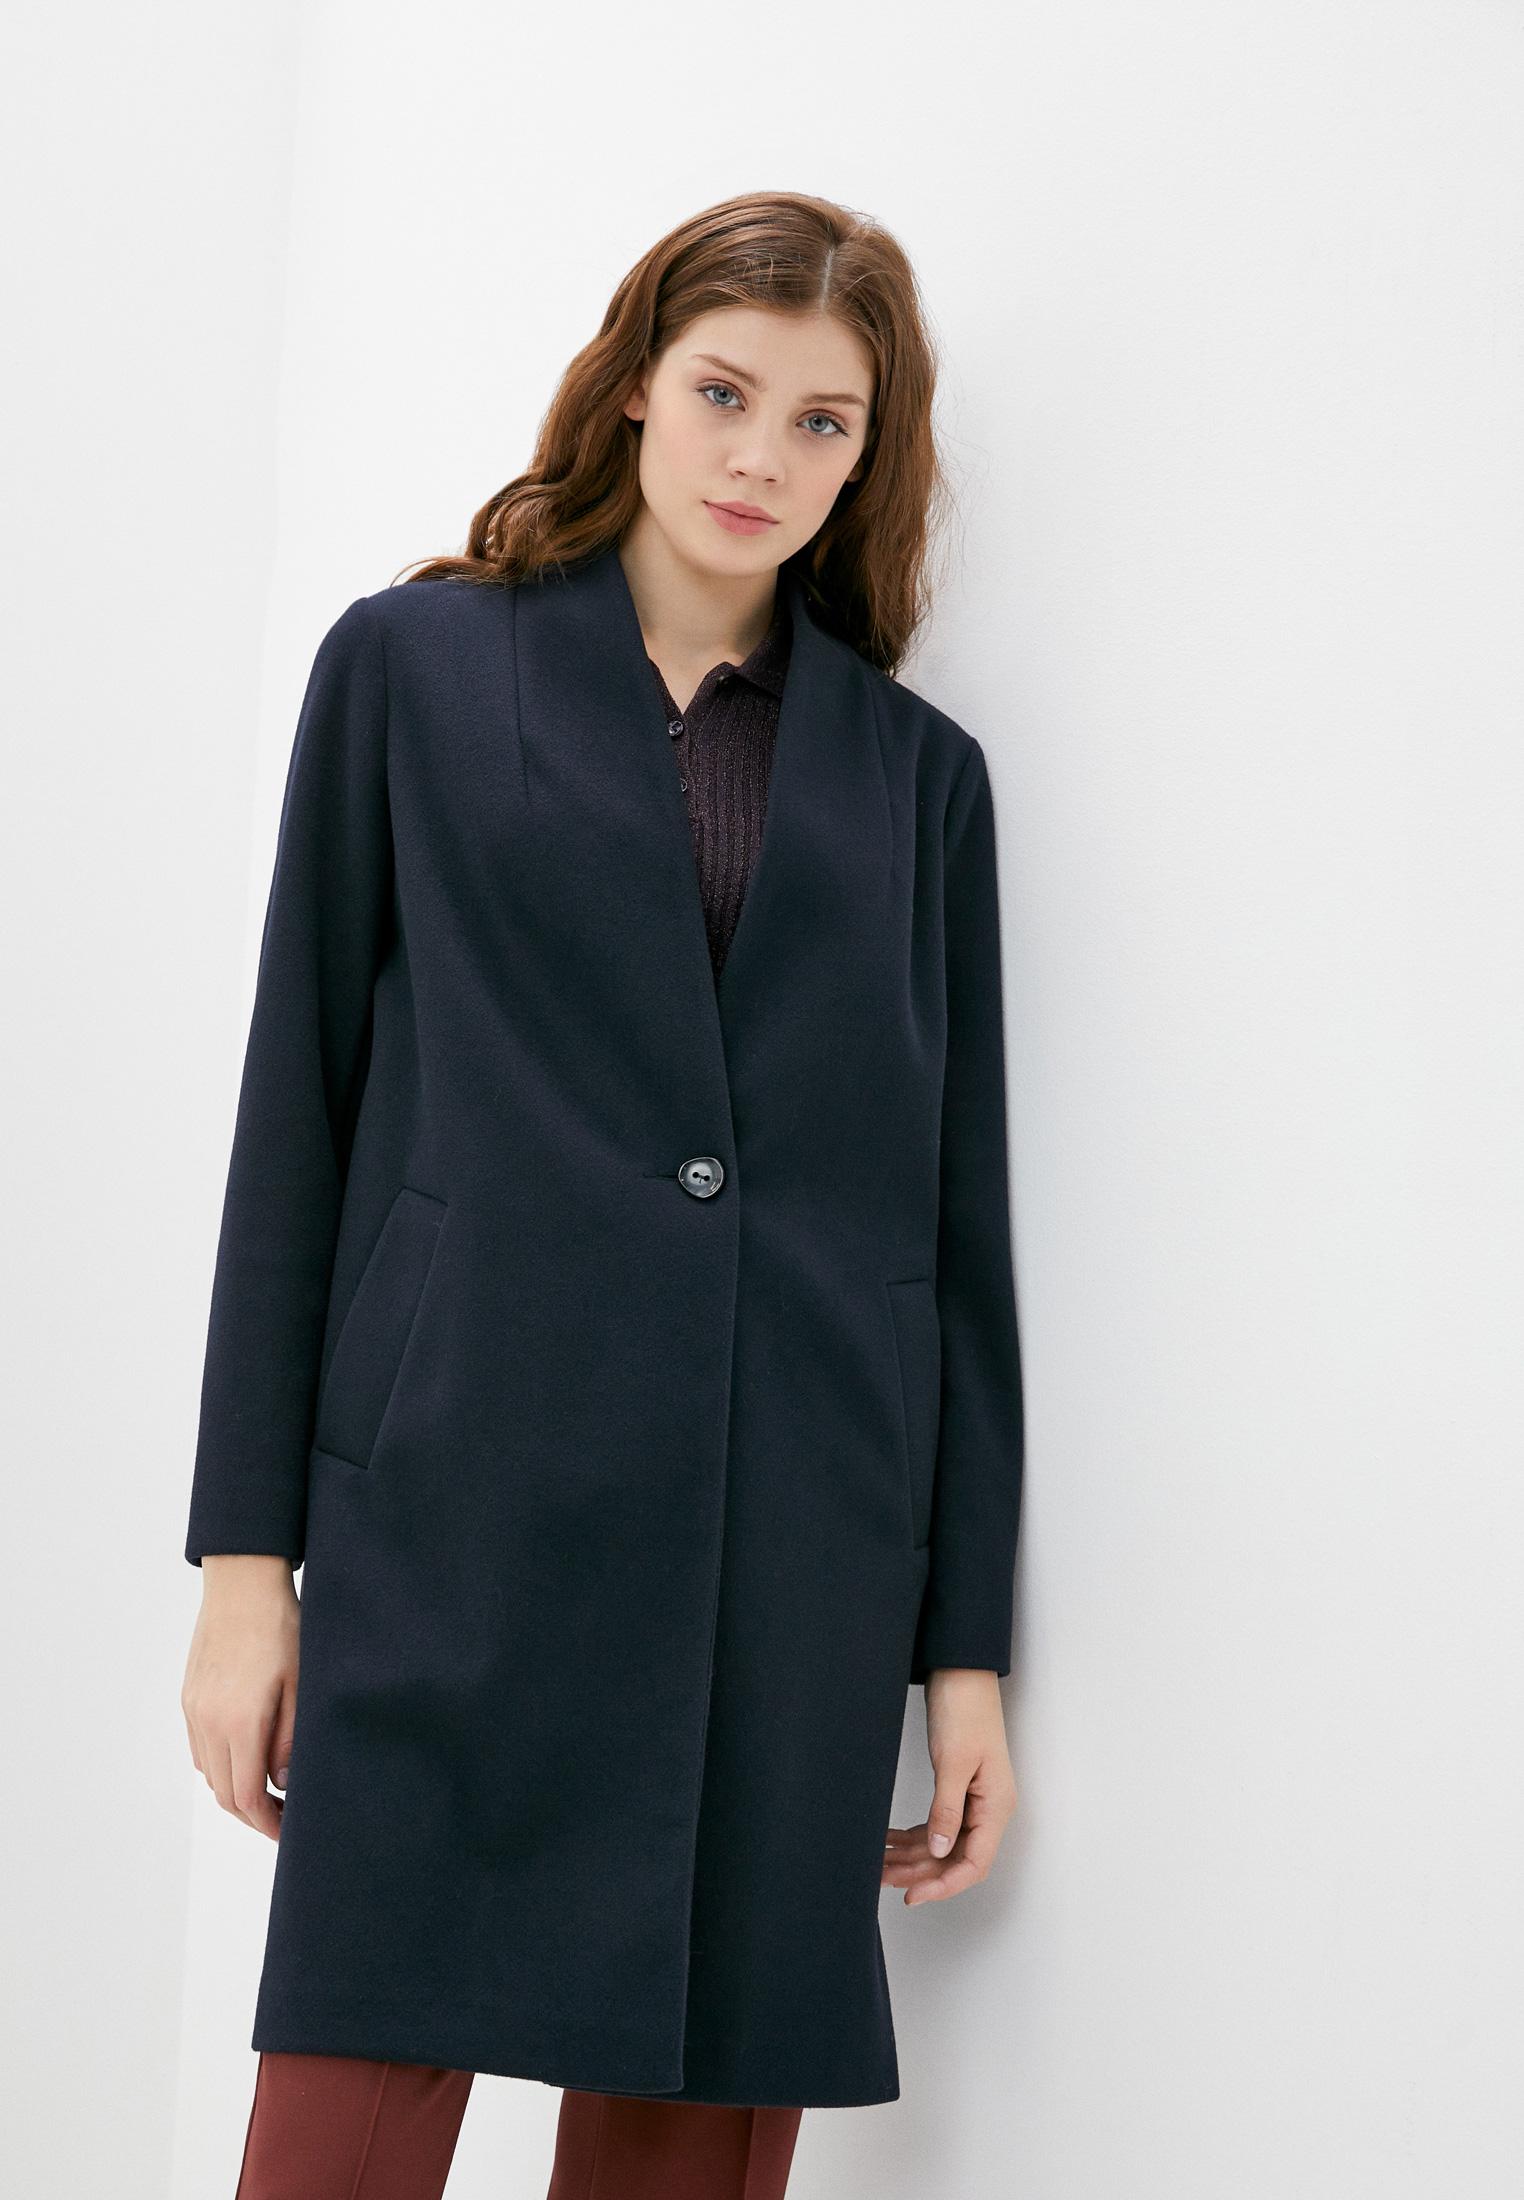 Женские пальто Dorothy Perkins (Дороти Перкинс) 98506510: изображение 1